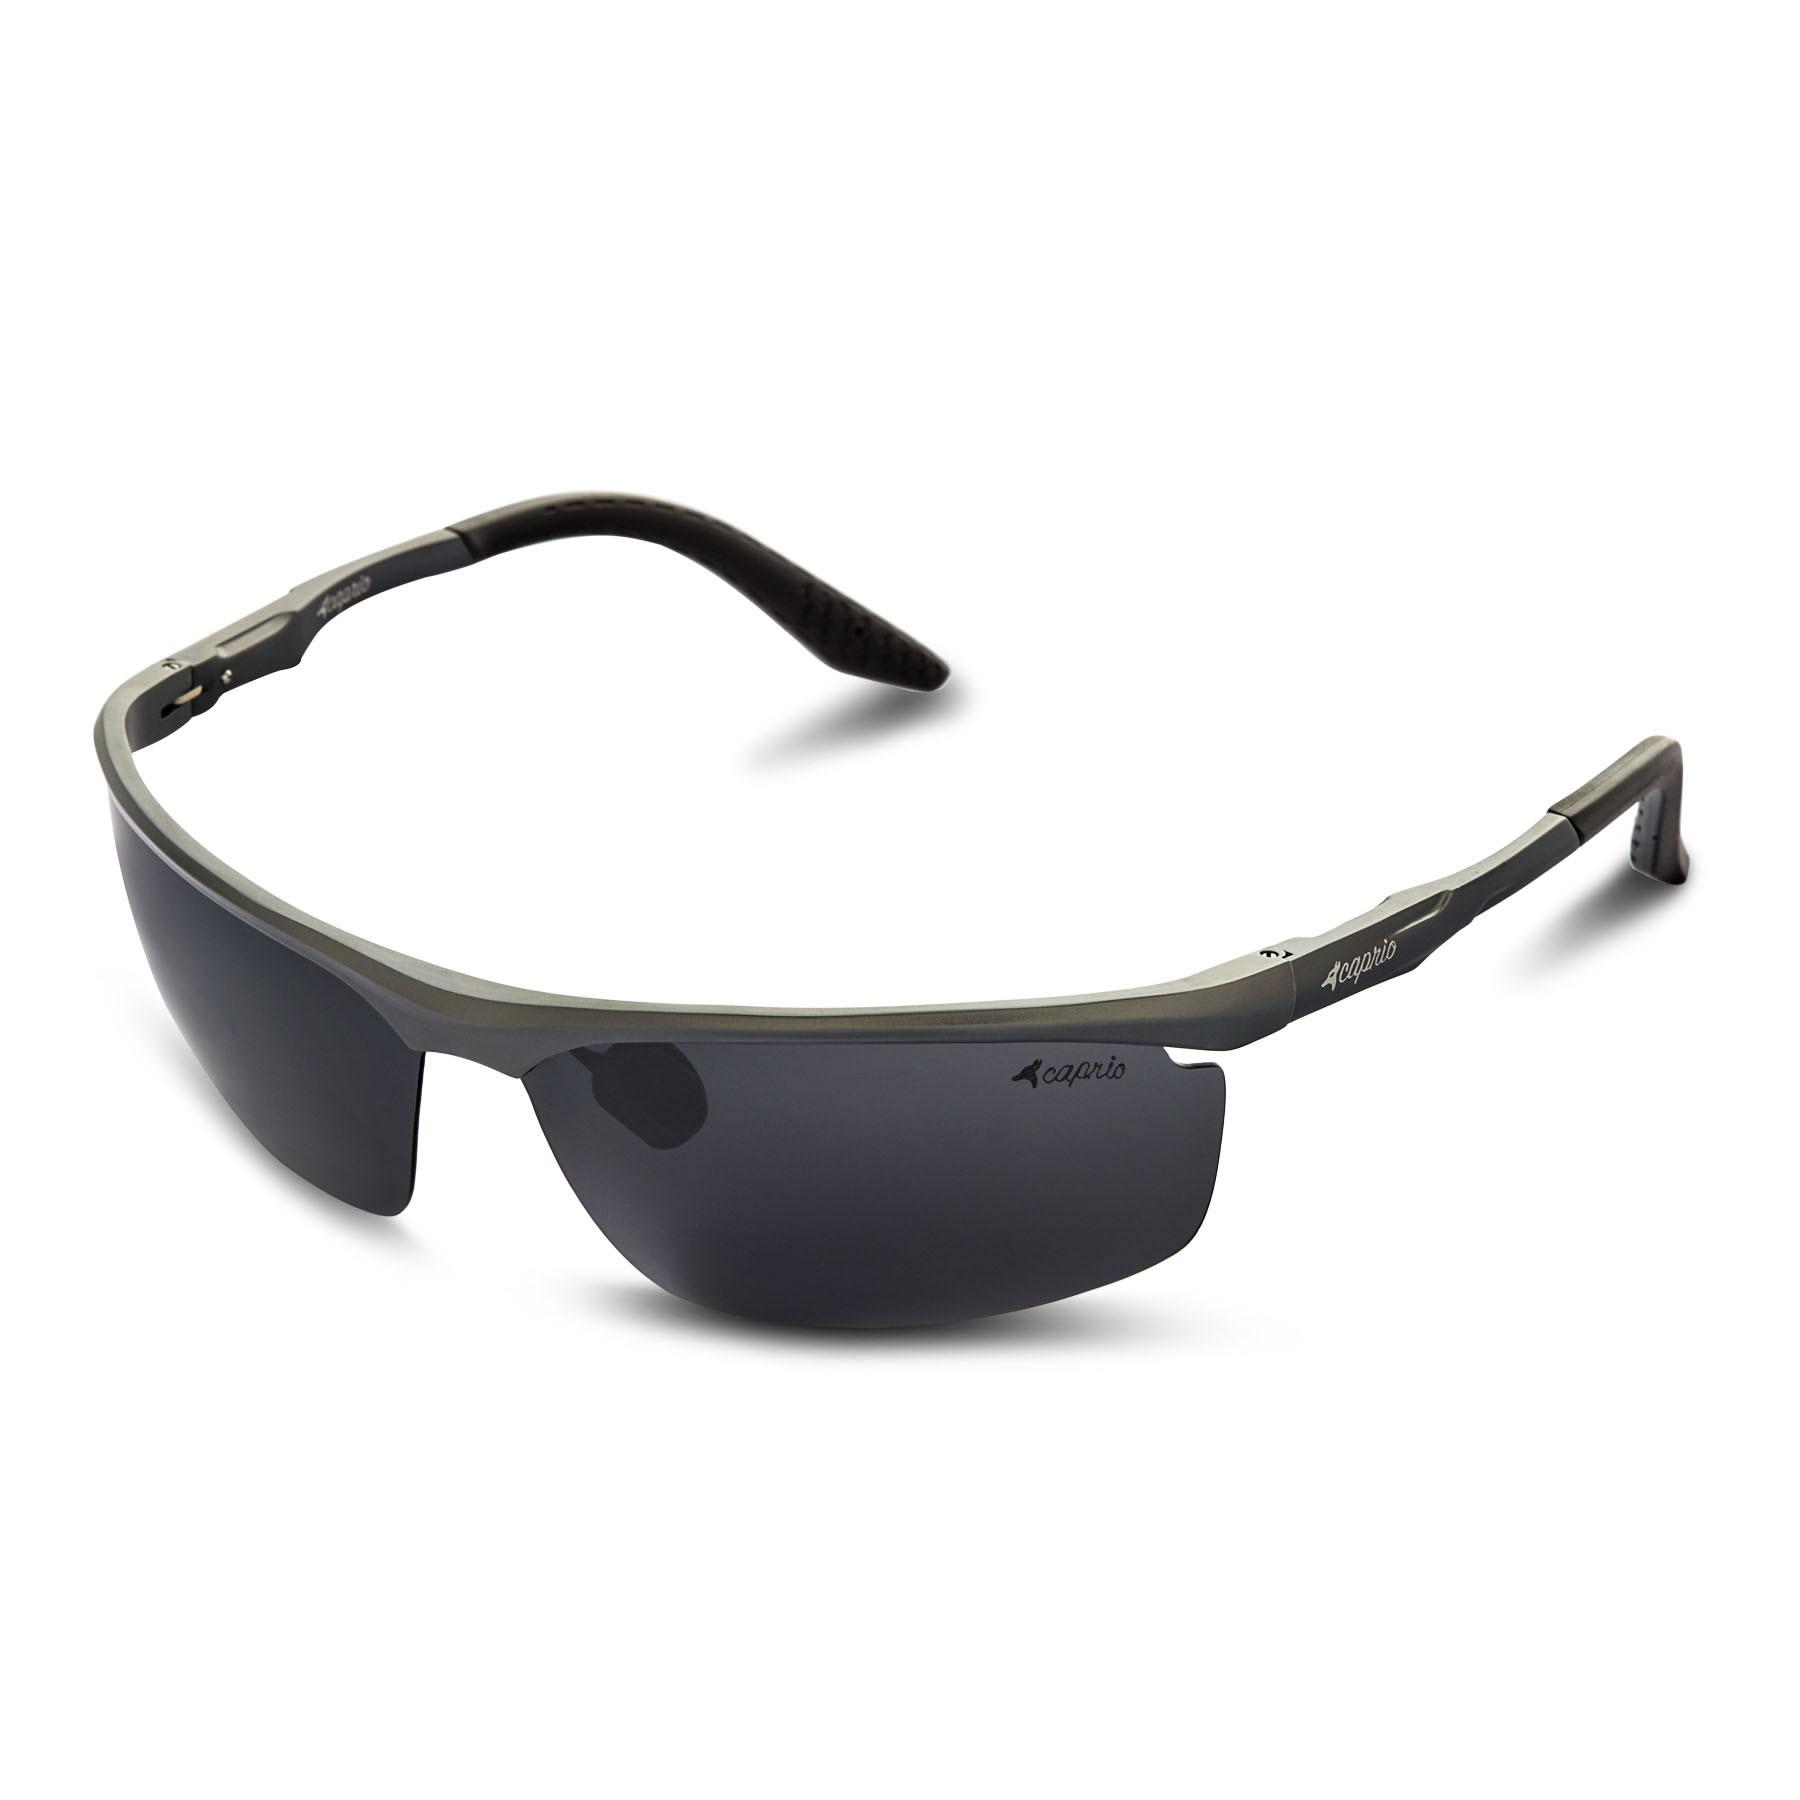 7ee355ba94e0 Caprio Sports Sunglasses for Men